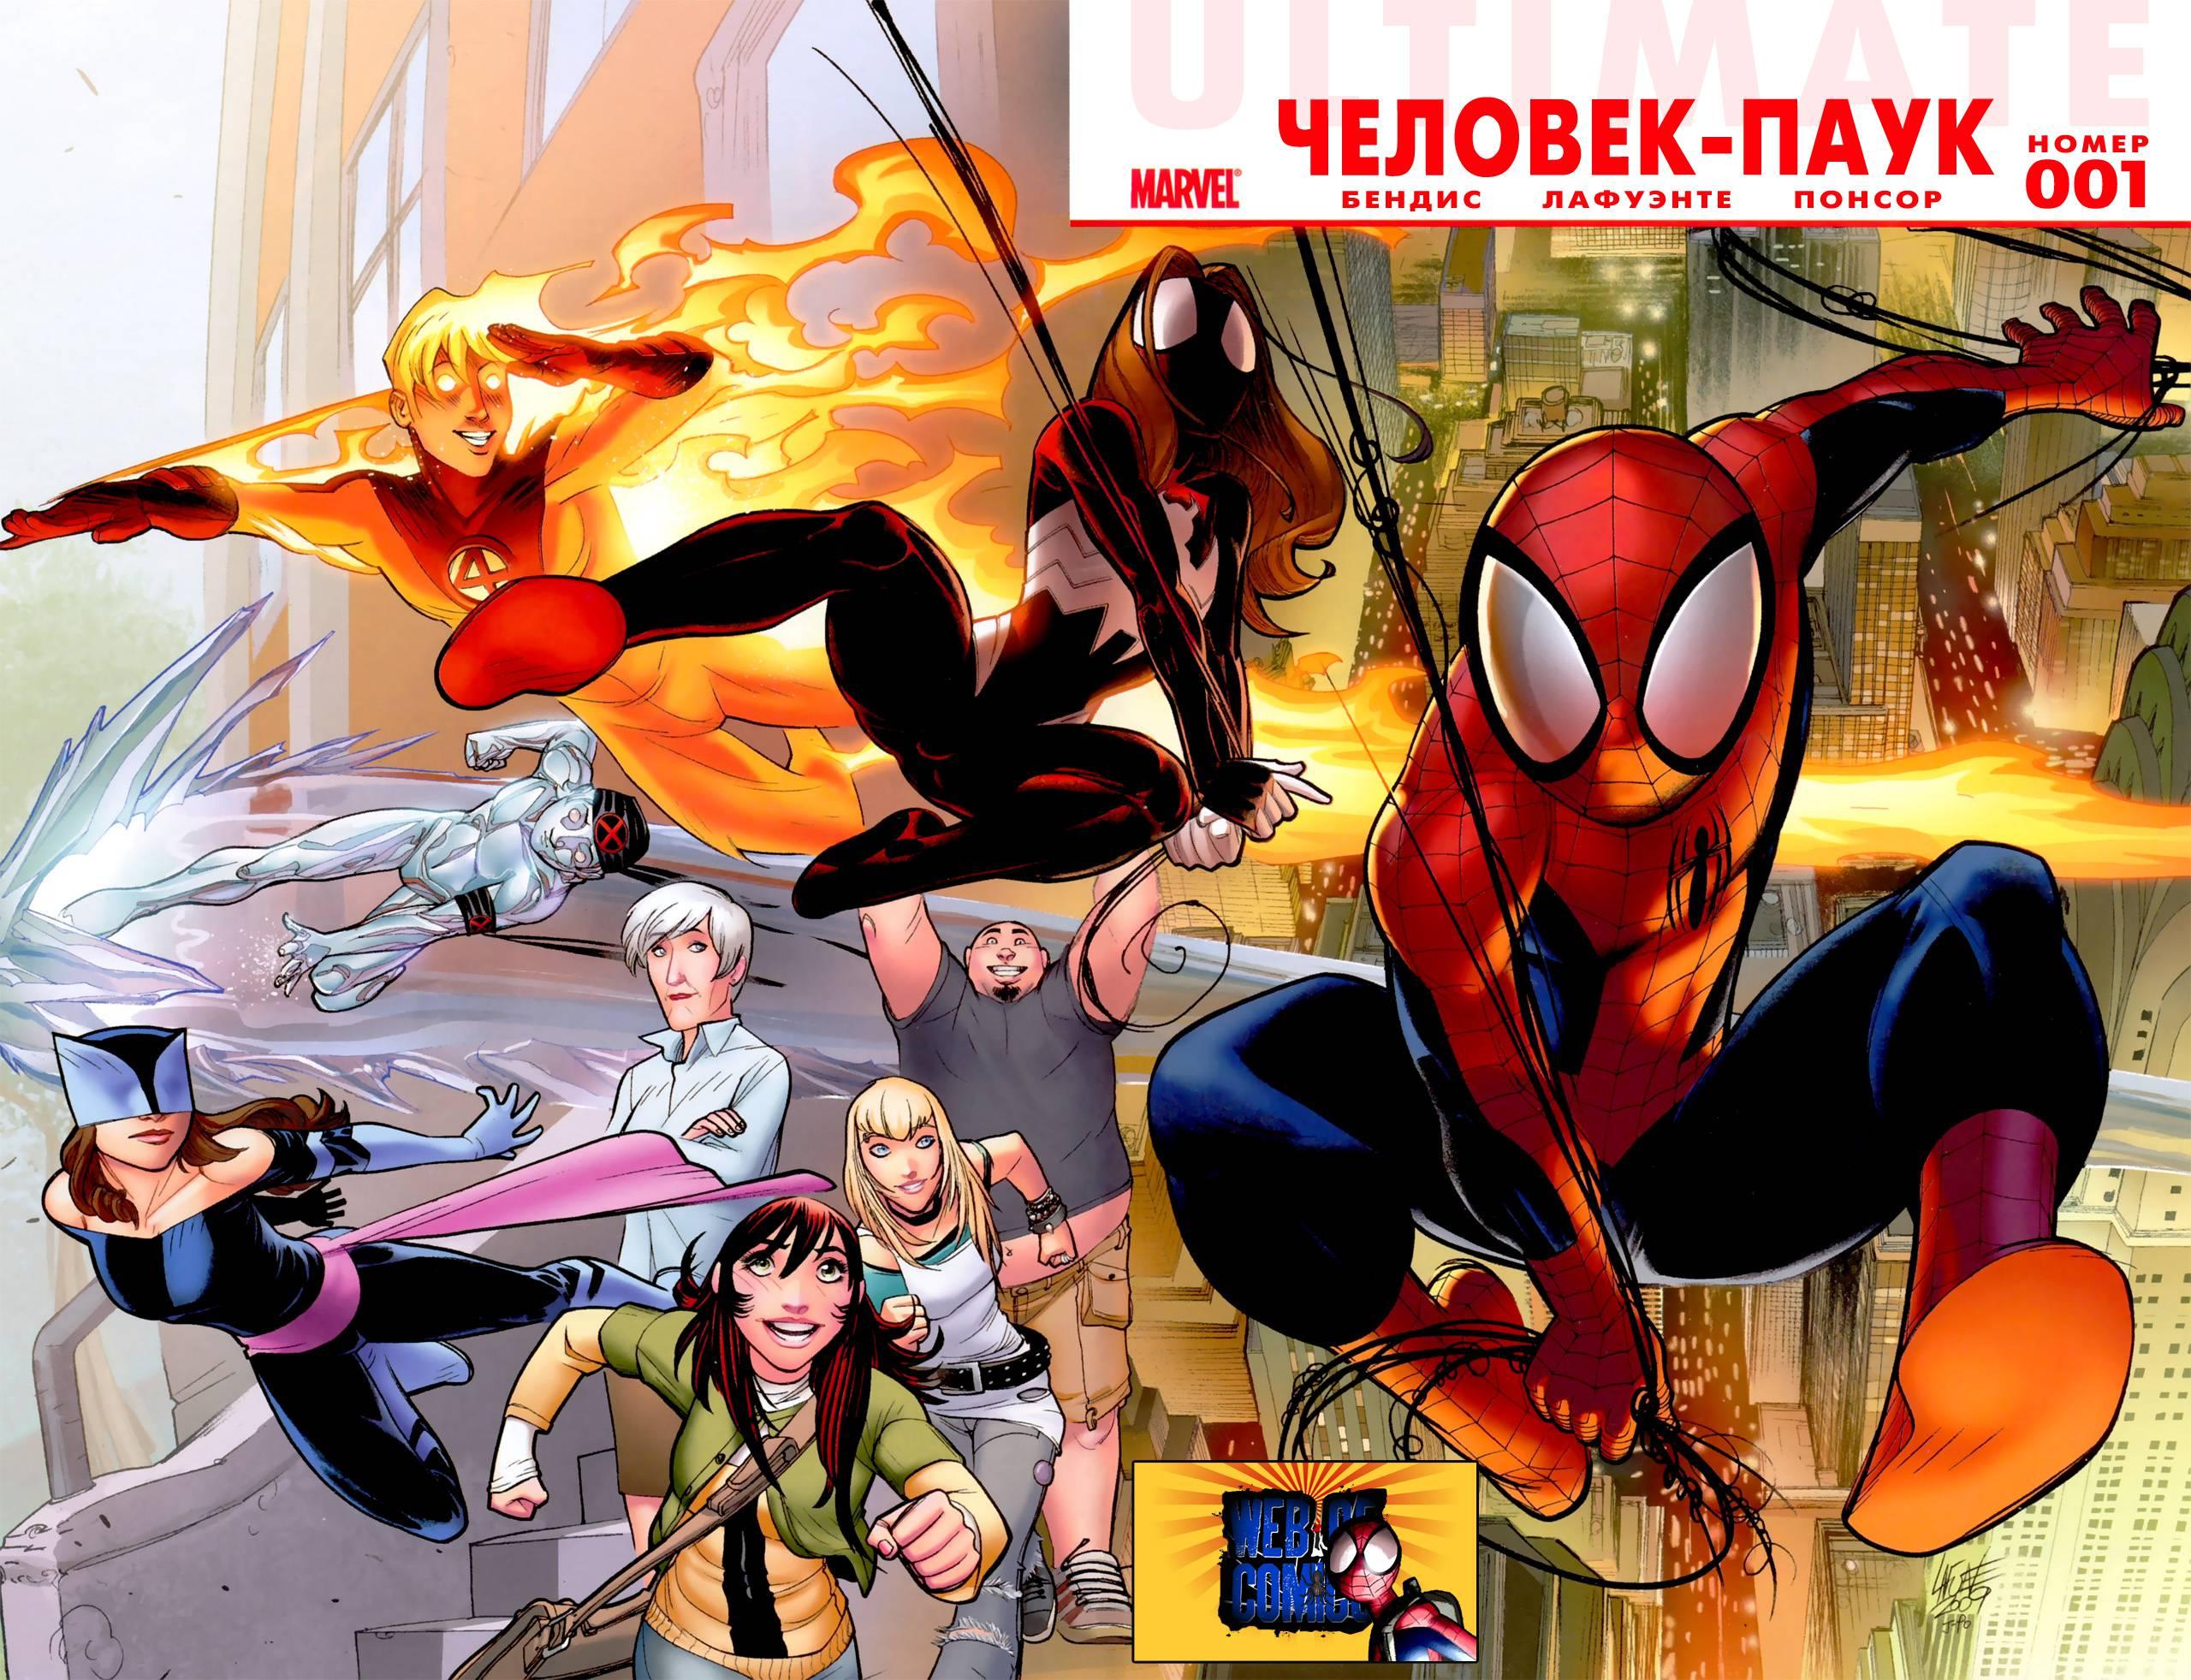 Современный Комикс Человек-Паук №1 онлайн